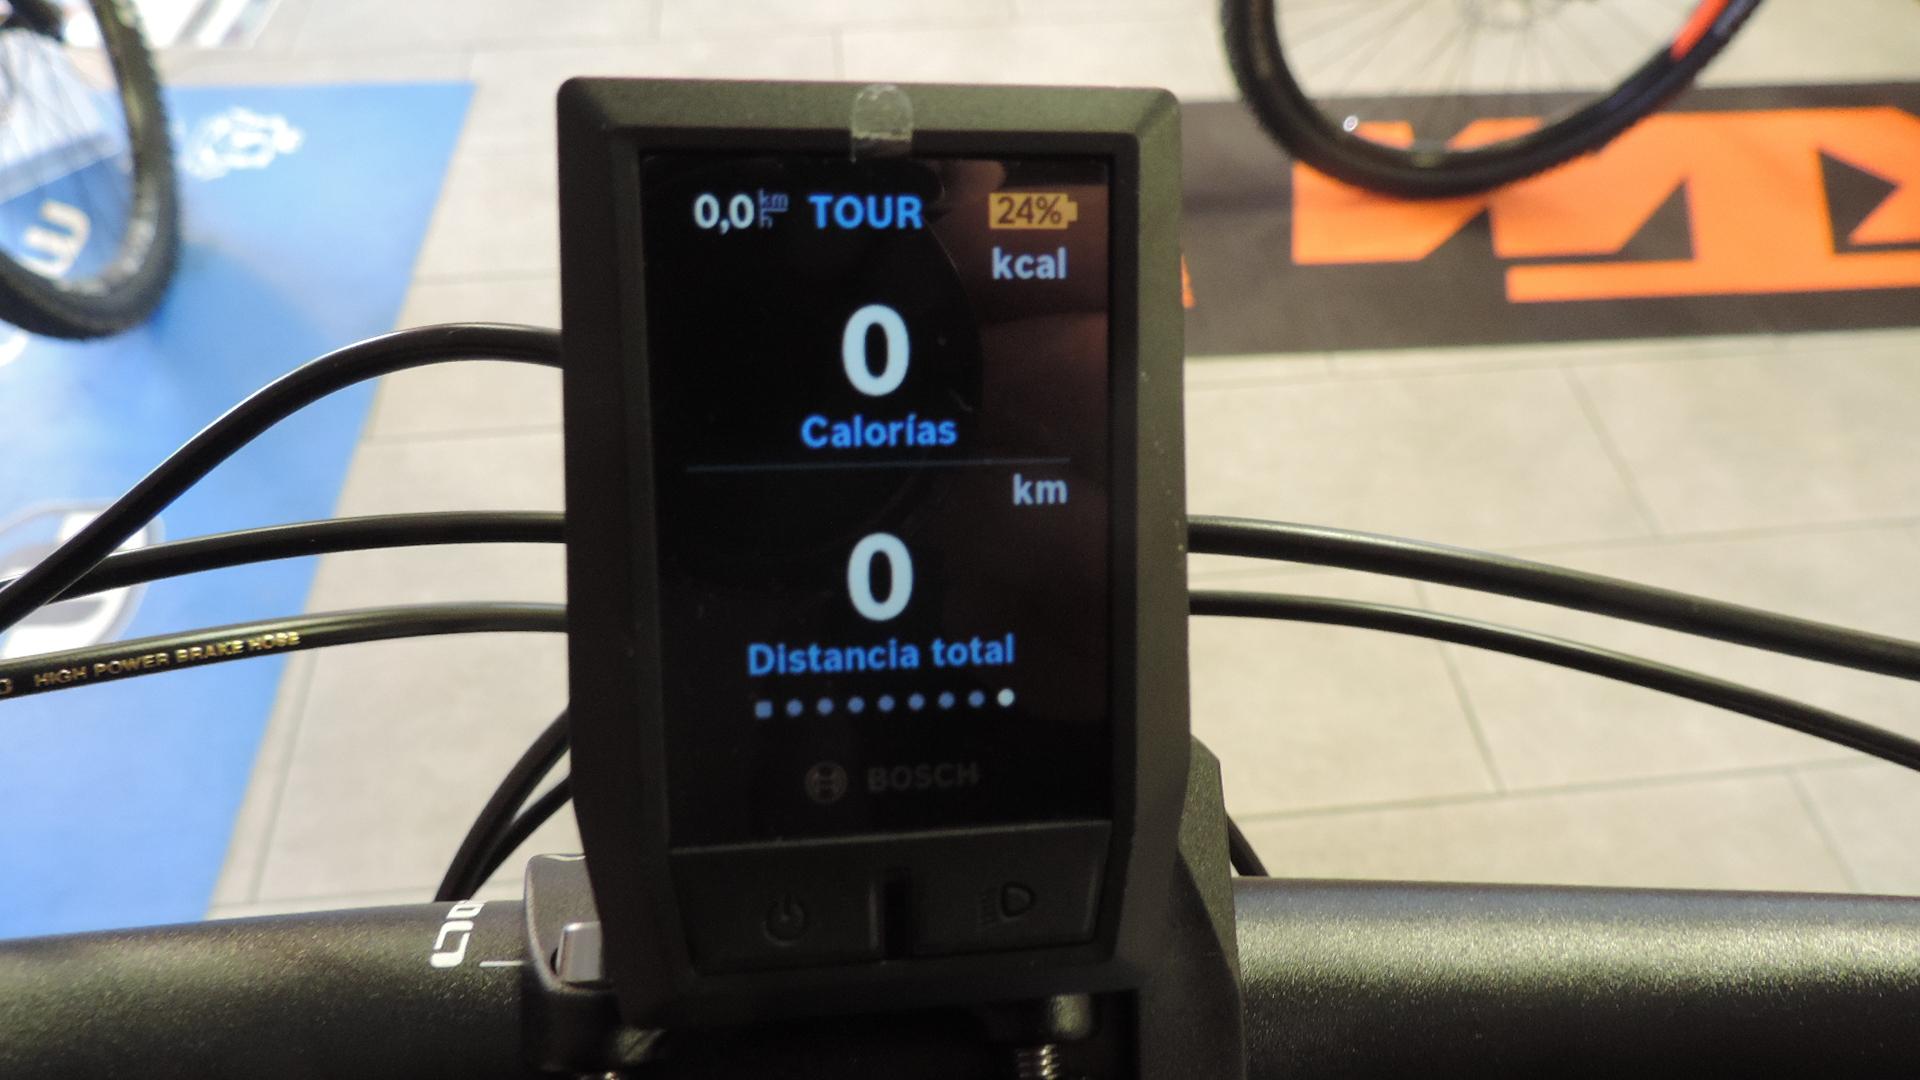 non schermata del cpmputer per bici elettrica bosch. Visualizza le calorie consumate e la distanza totale (ODO)